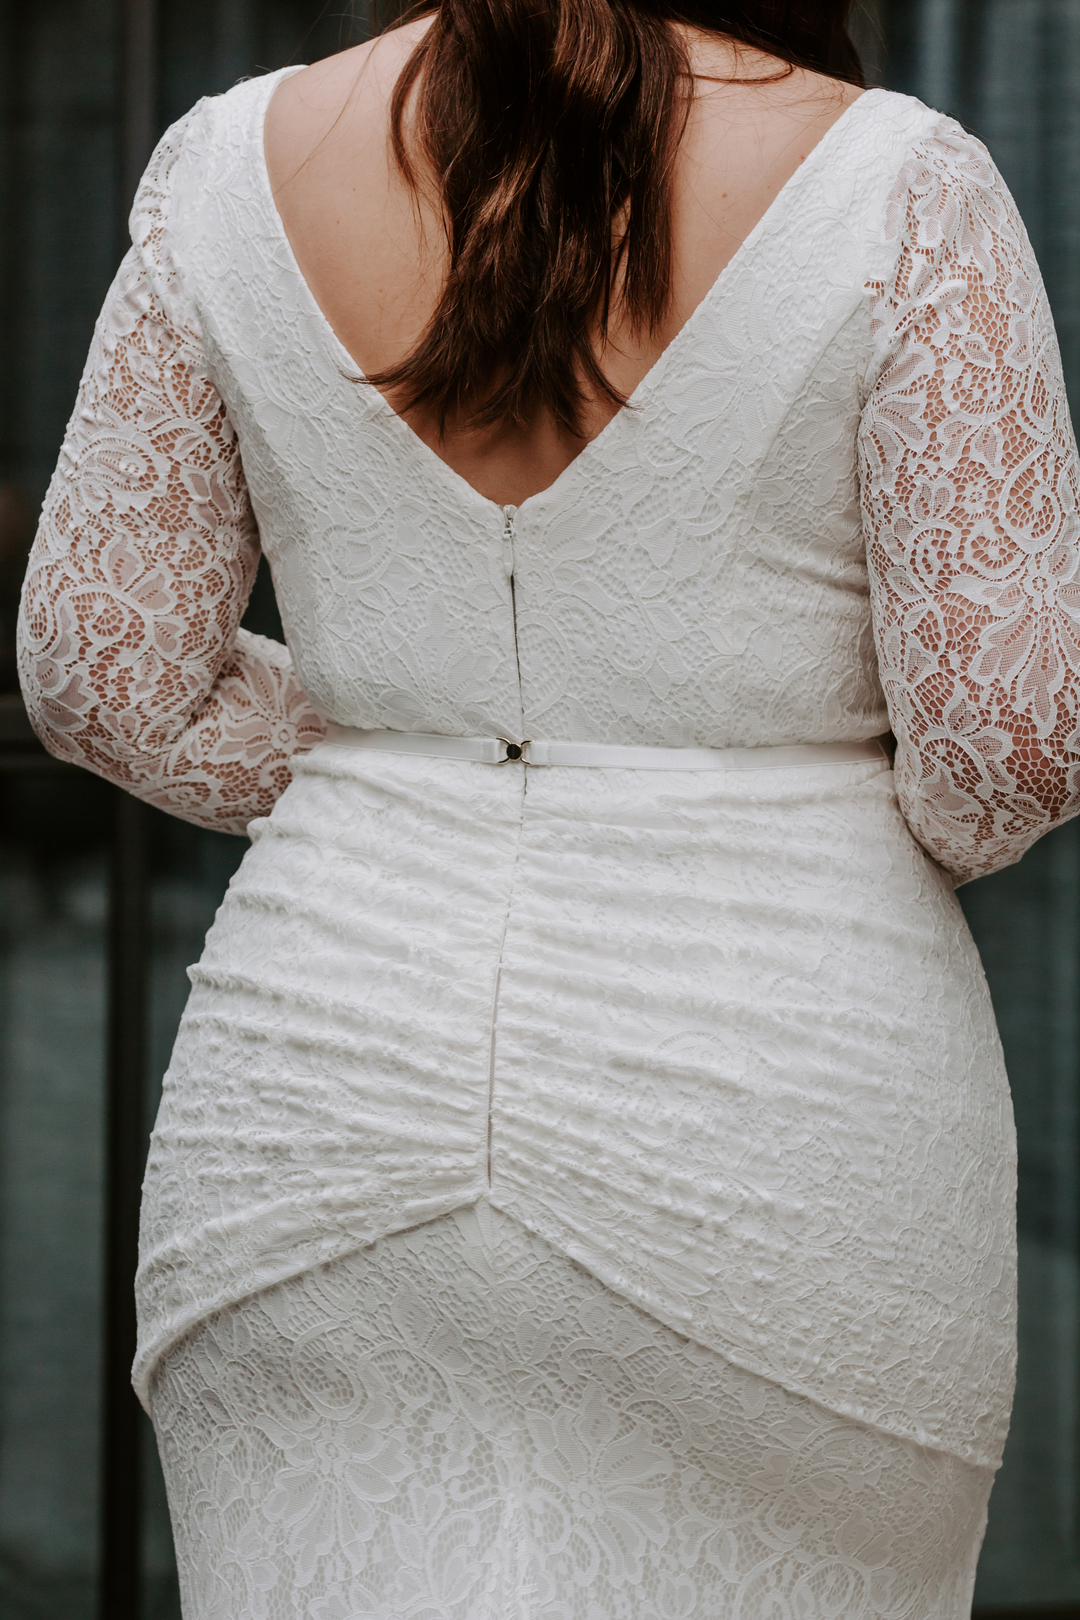 valencia dress photo